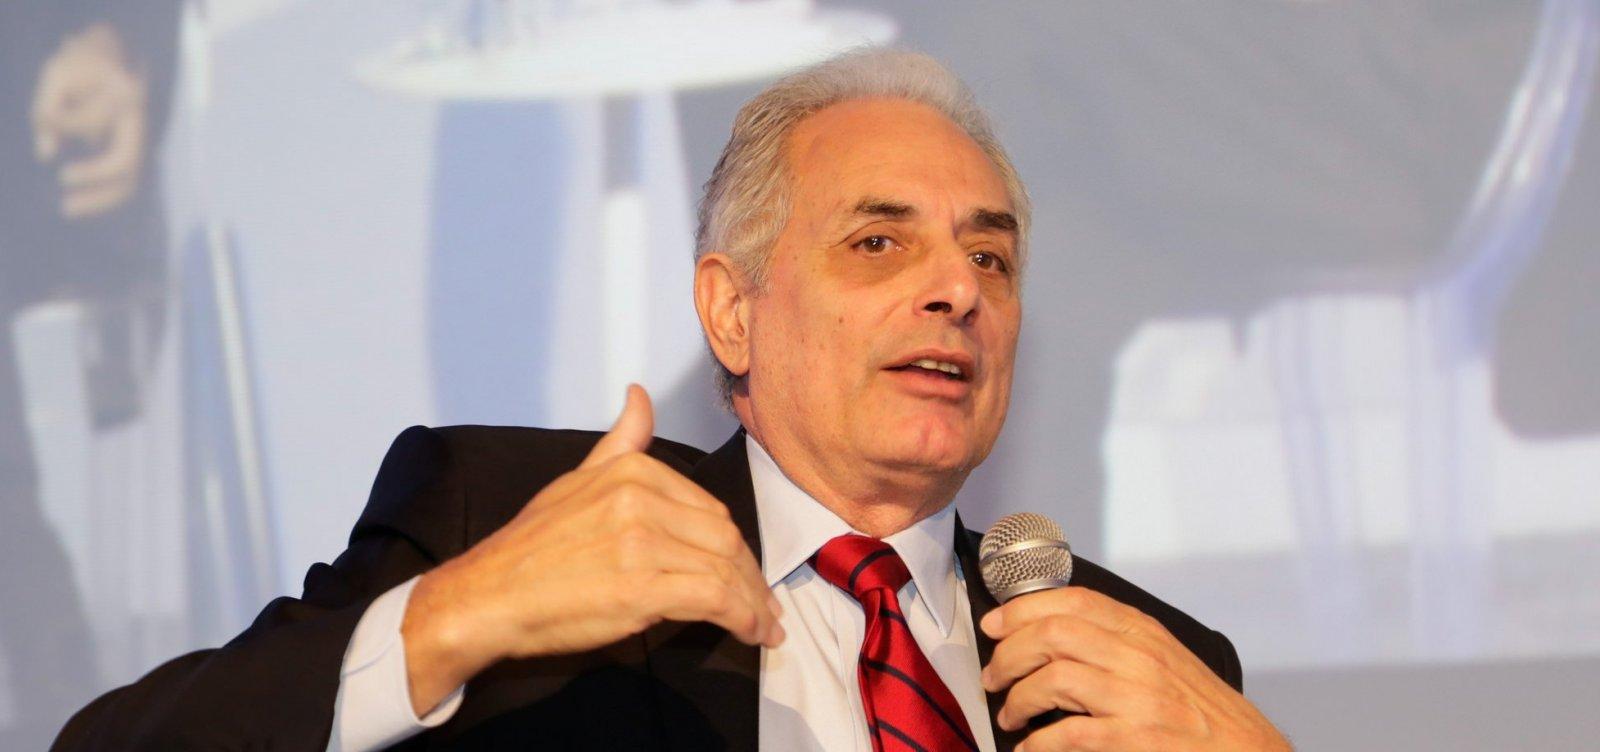 Para Waack, eleição foi marcada por 'guerra cultural' e Bolsonaro terá que mudar discurso